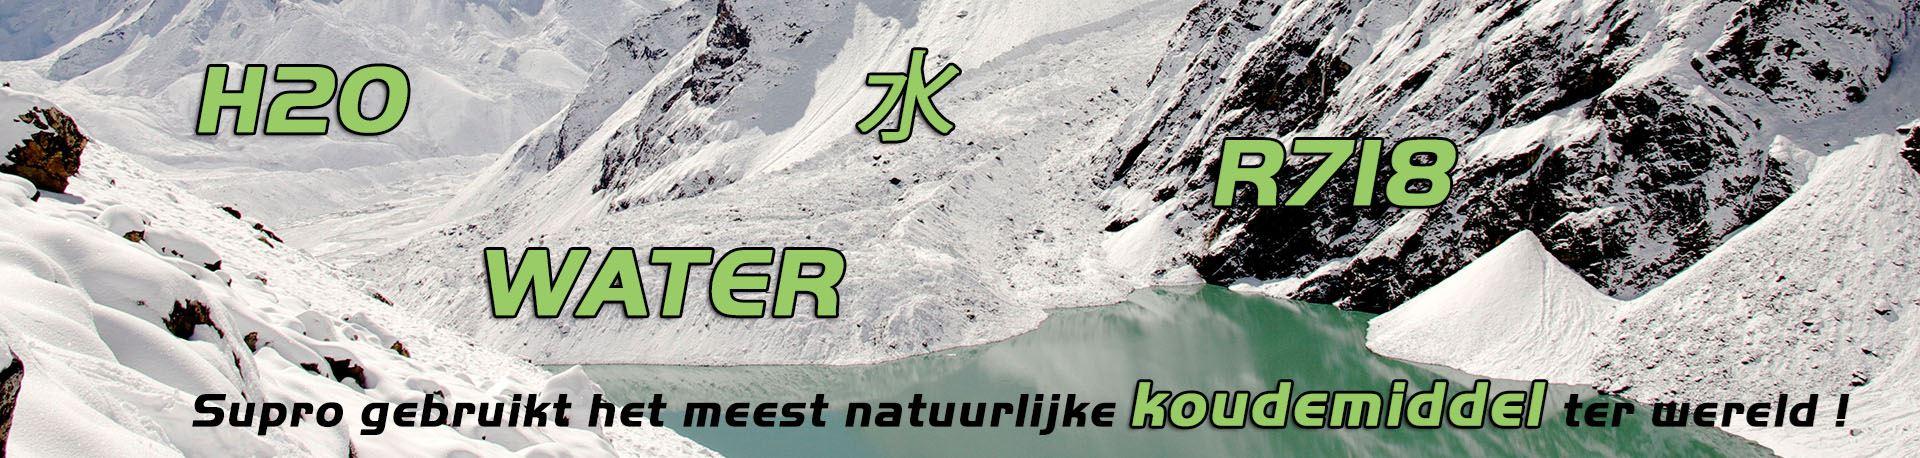 Supro gebruikt het meest natuurlijke koudemiddel ter wereld